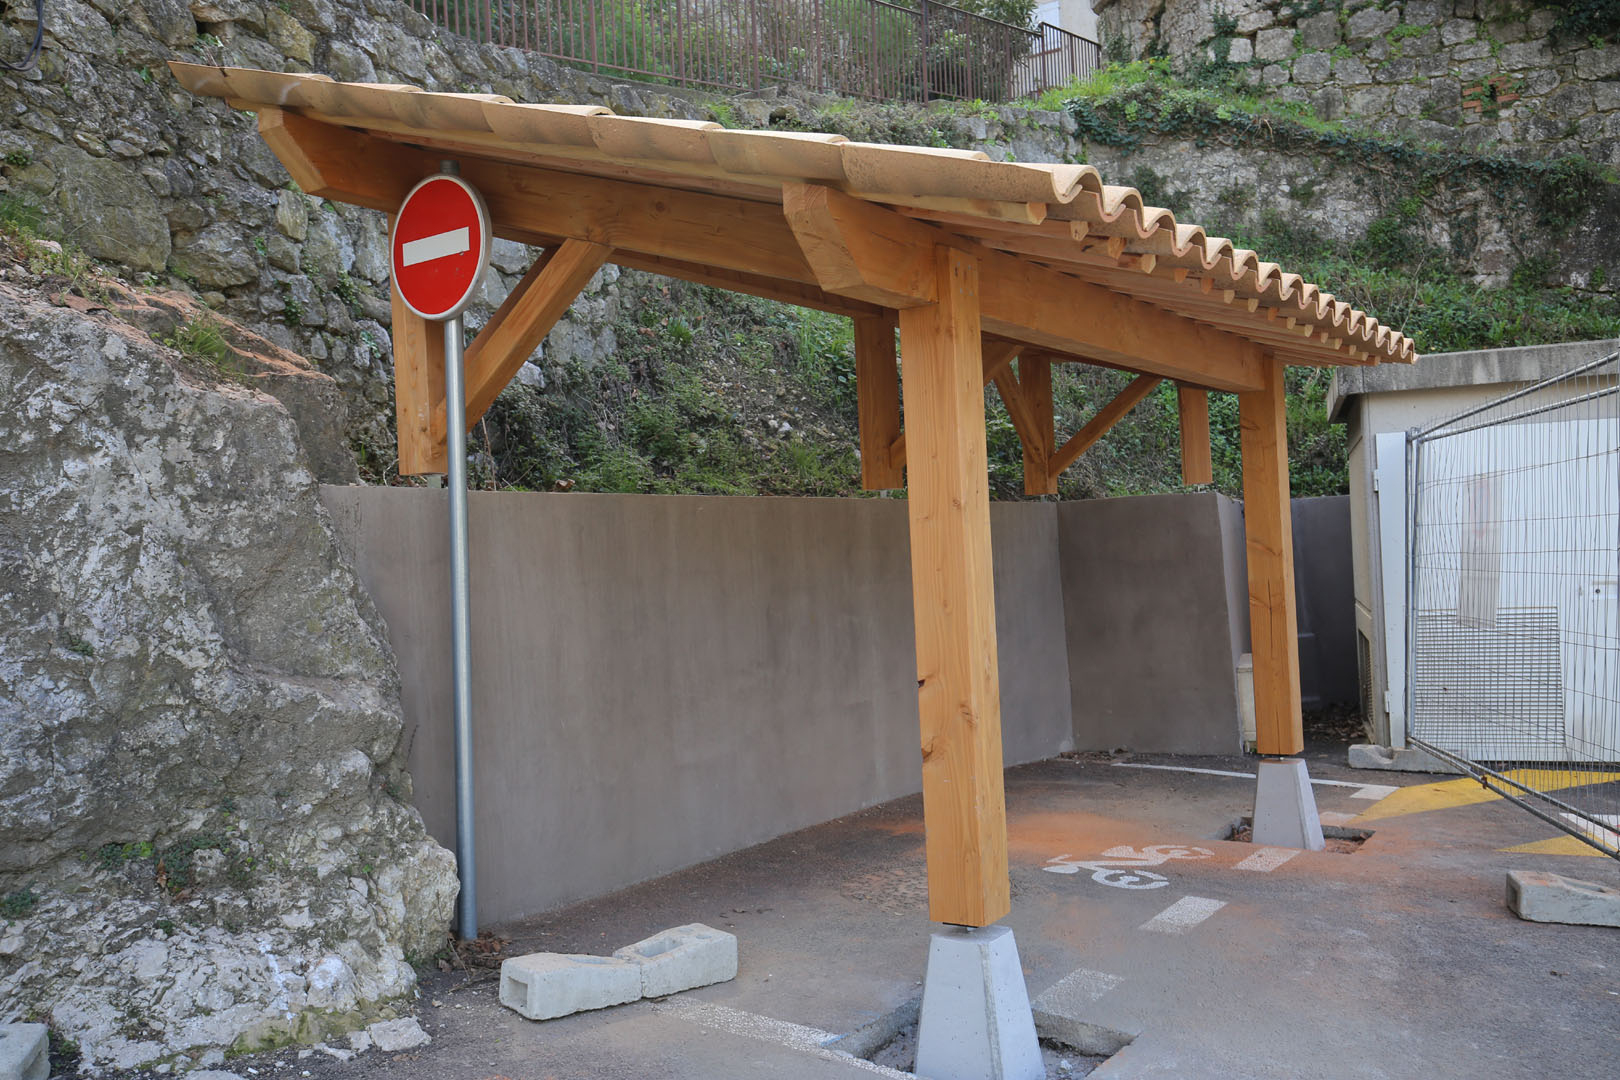 Abri 2 Roues | Xyleo – Construction Bois tout Abri Moto Bois